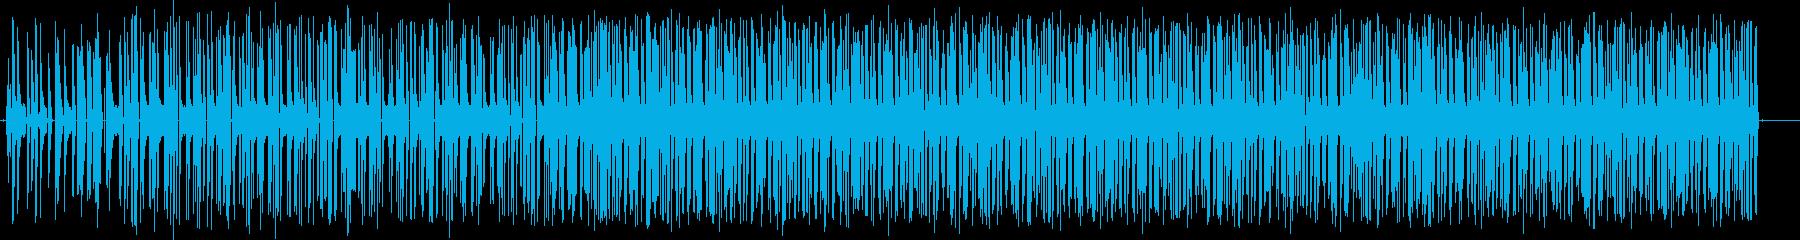 トーンランダムコンピューターの再生済みの波形